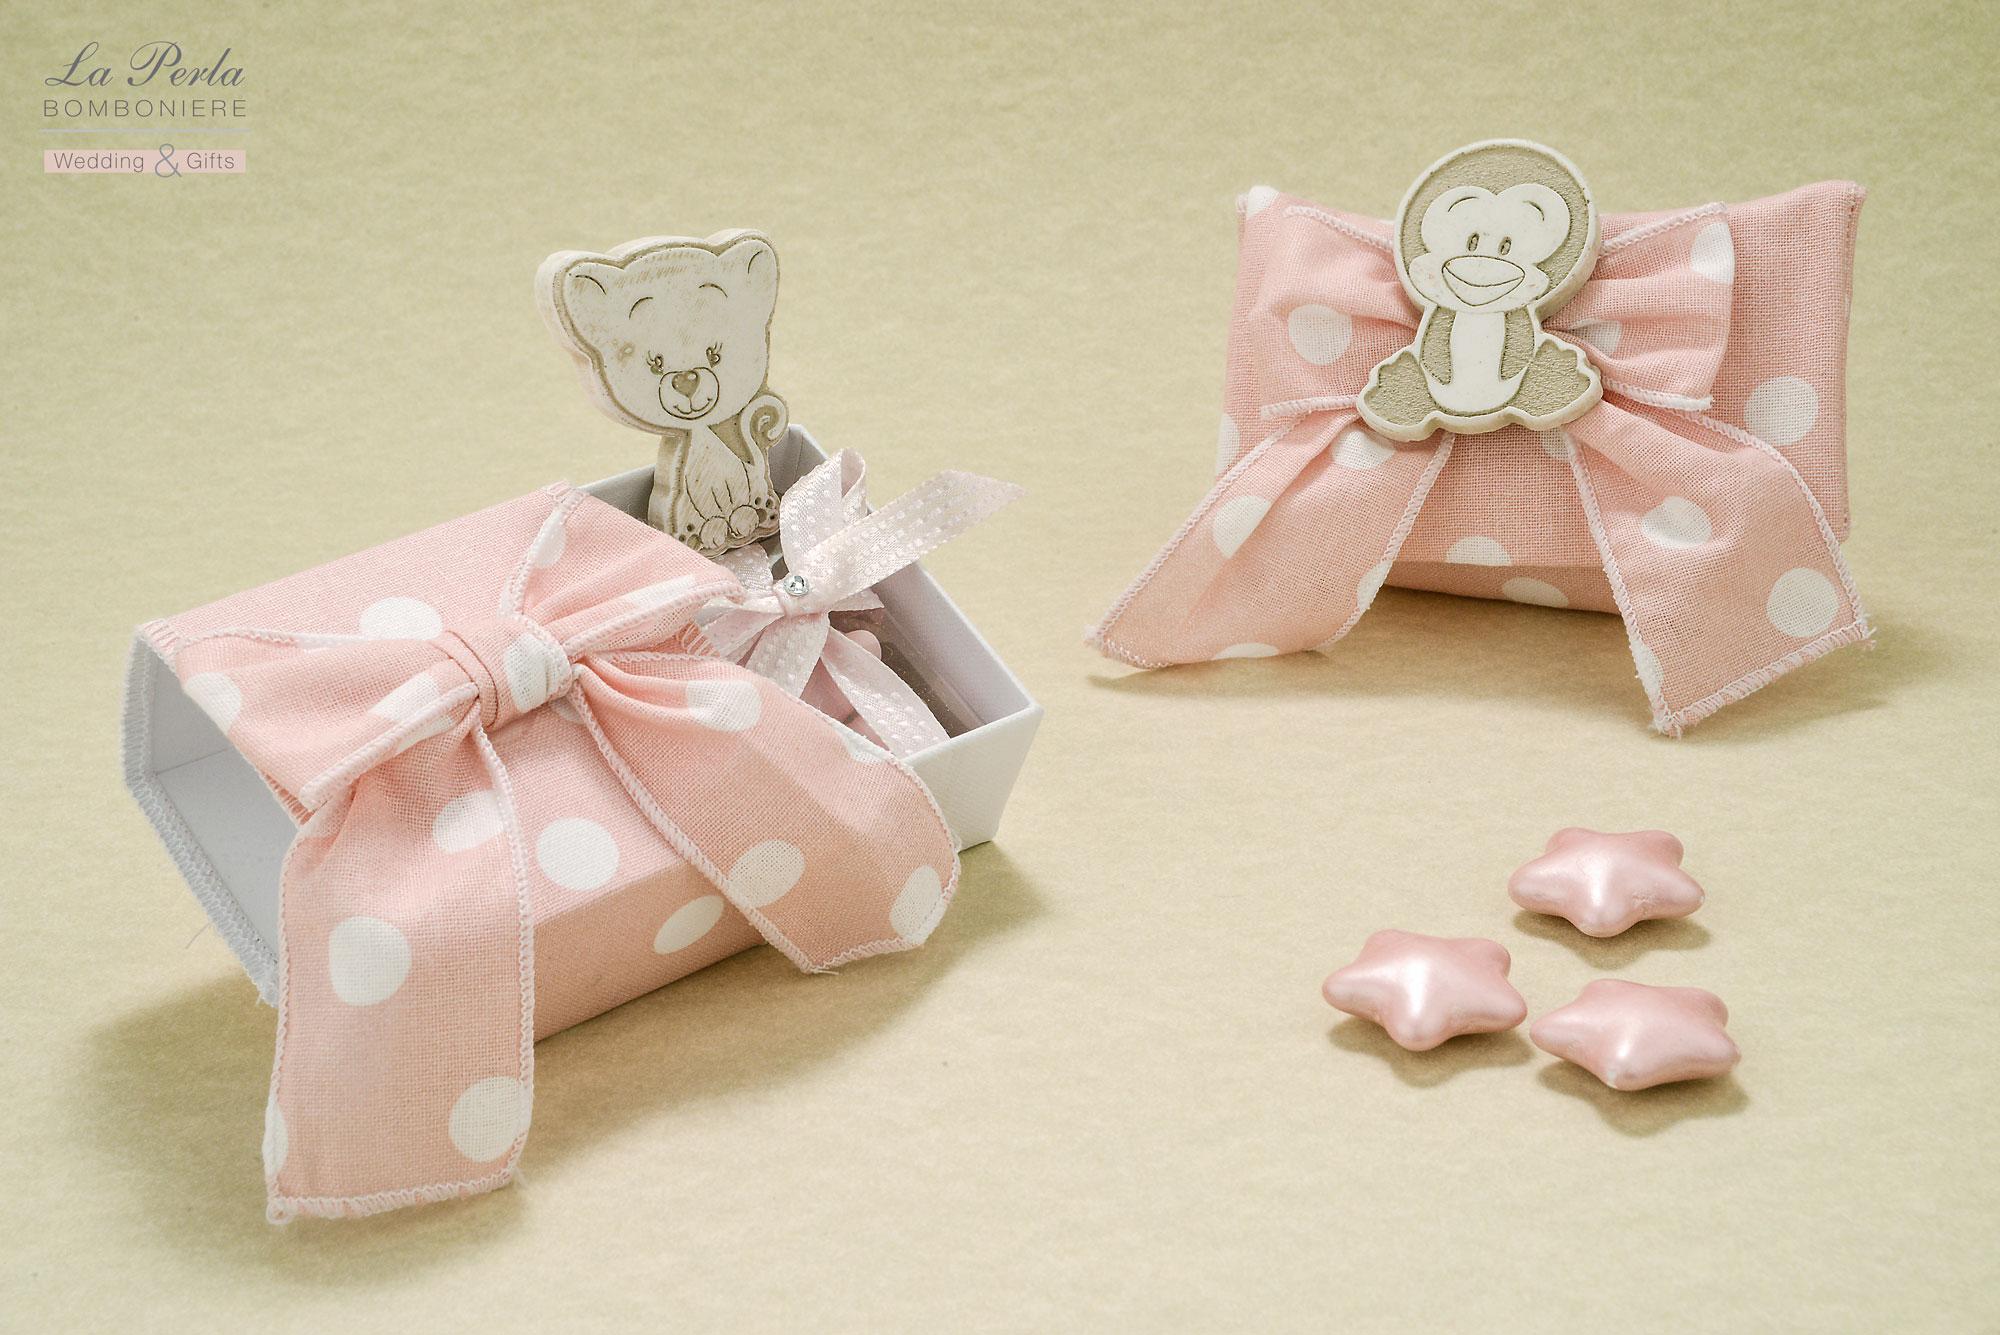 Pinguino e Gattino in resina con calamita, applicato su bustina o all'interno della scatolina, in tessuto di cotone a pois, made in Italy. Possibilità di scegliere gli animaletti coccolosi.